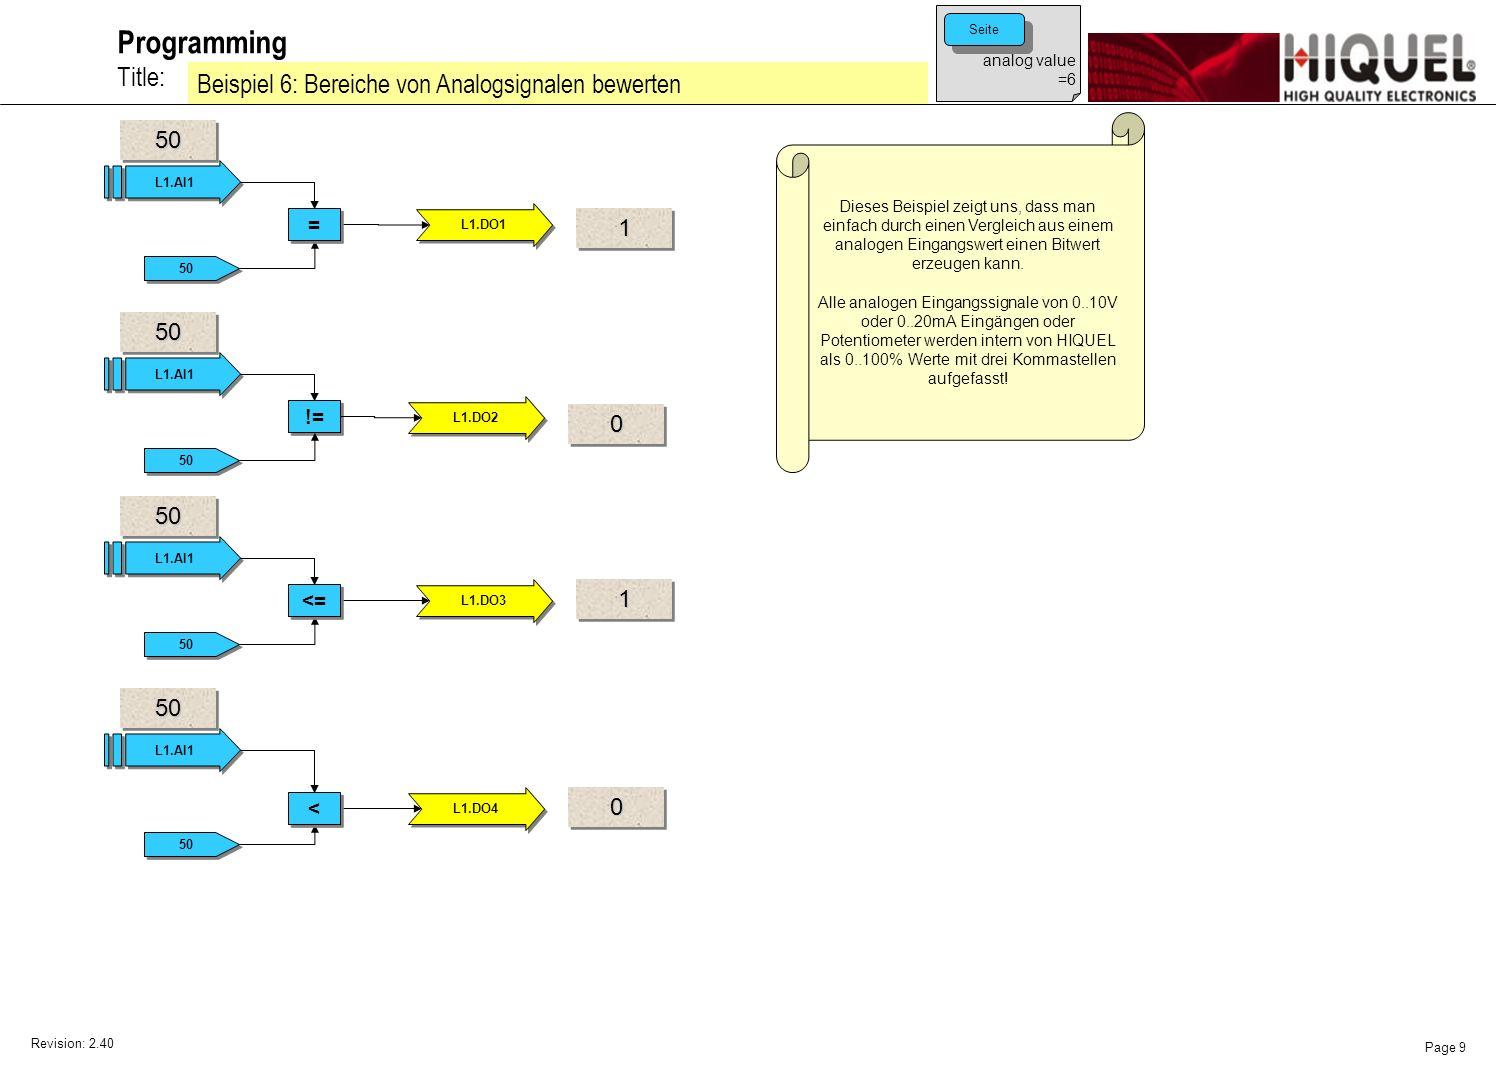 Revision: 2.40 Page 9 Title: Programming Beispiel 6: Bereiche von Analogsignalen bewerten Dieses Beispiel zeigt uns, dass man einfach durch einen Vergleich aus einem analogen Eingangswert einen Bitwert erzeugen kann.